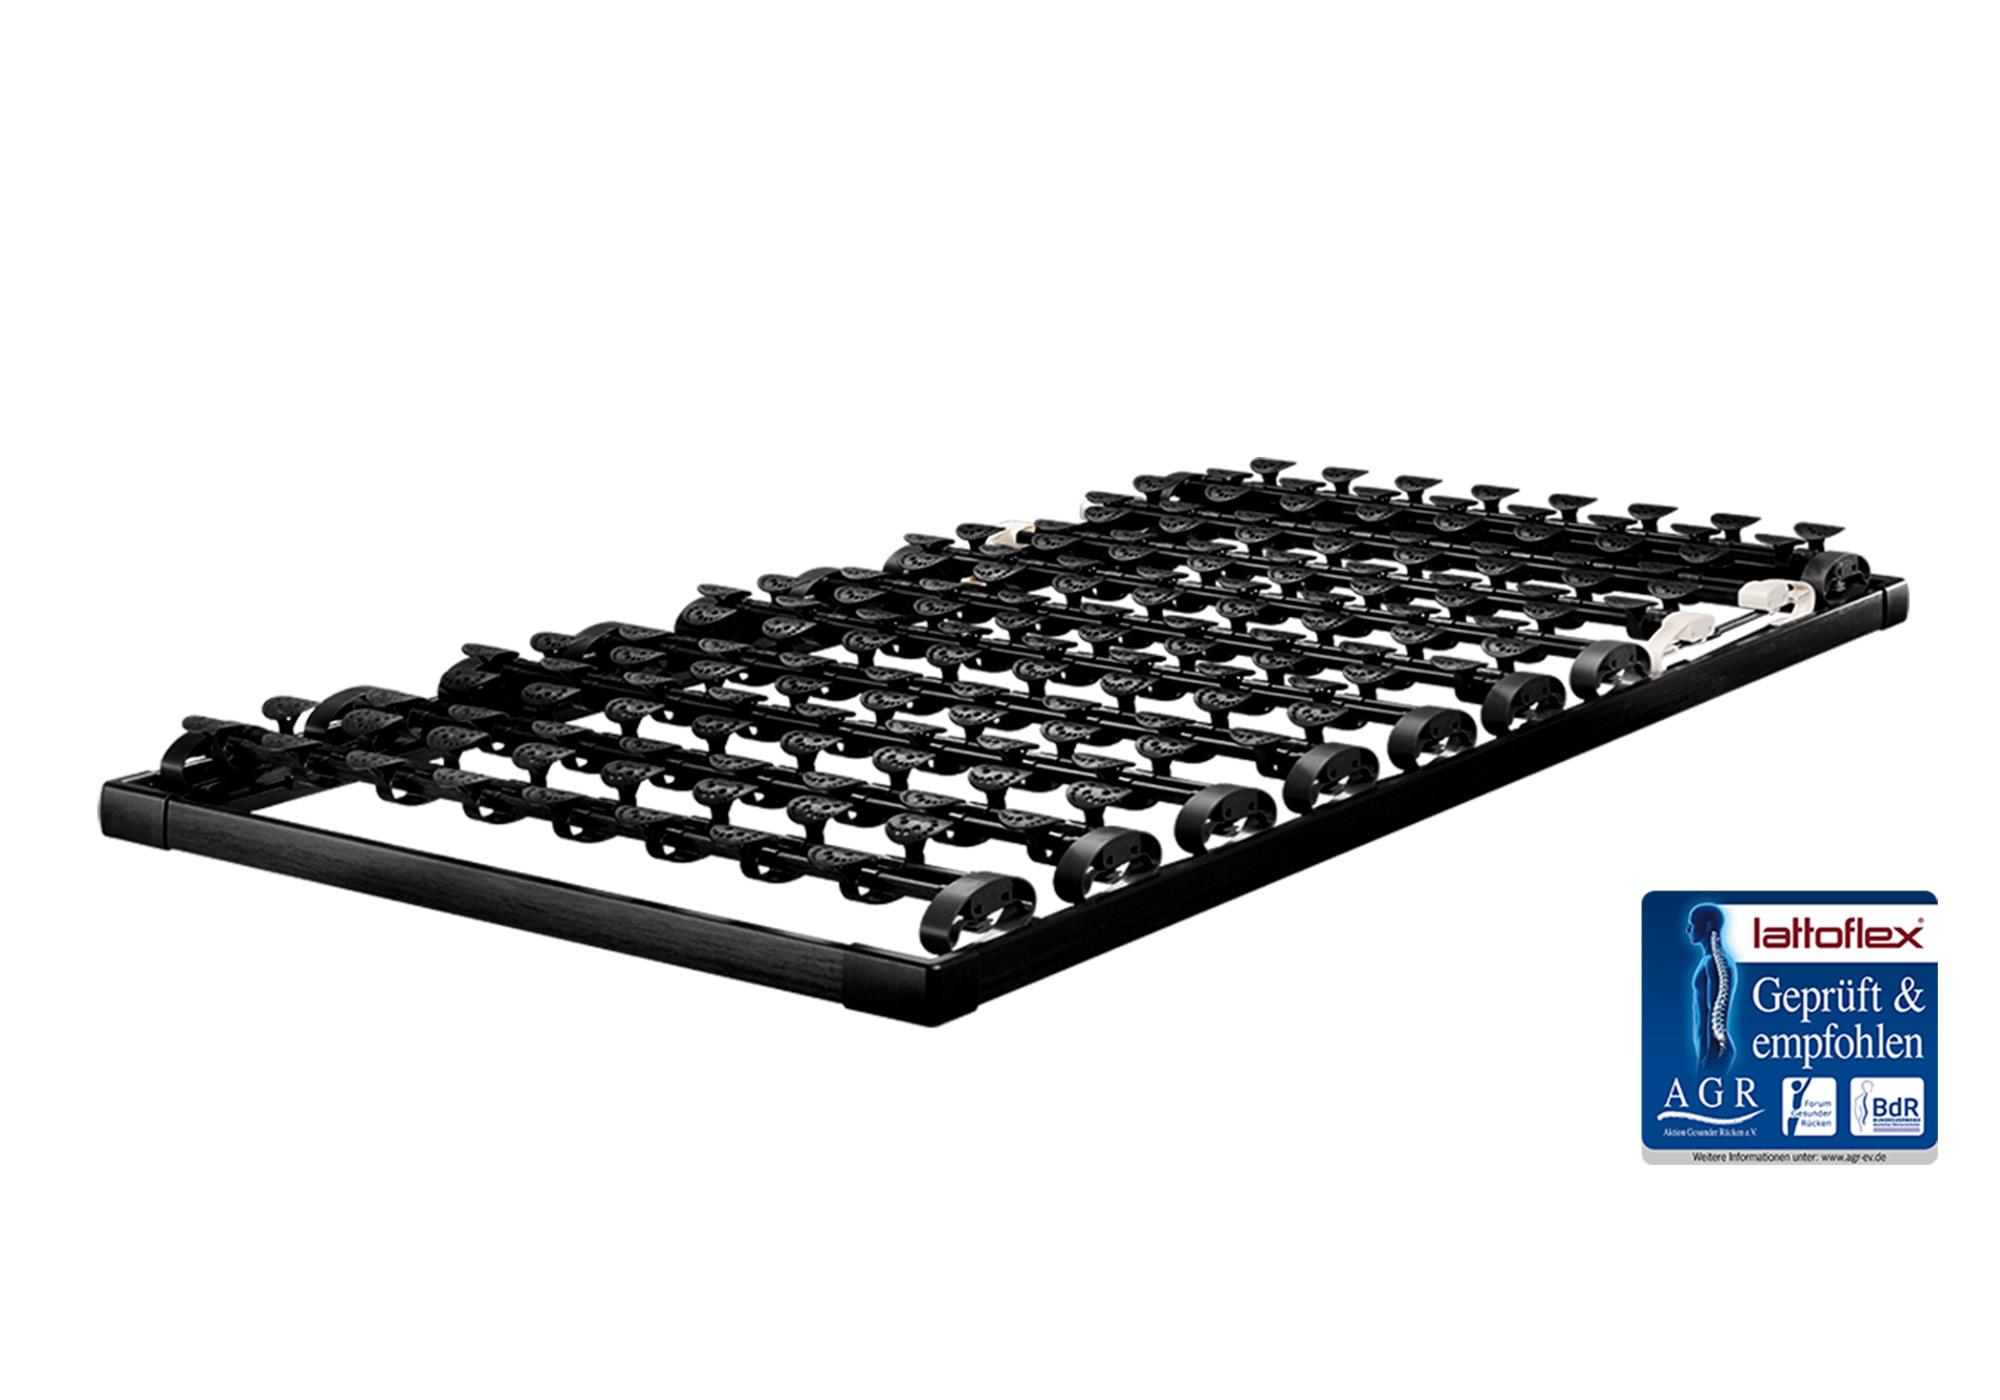 Lattoflex 900 Thevo - Unterfederung